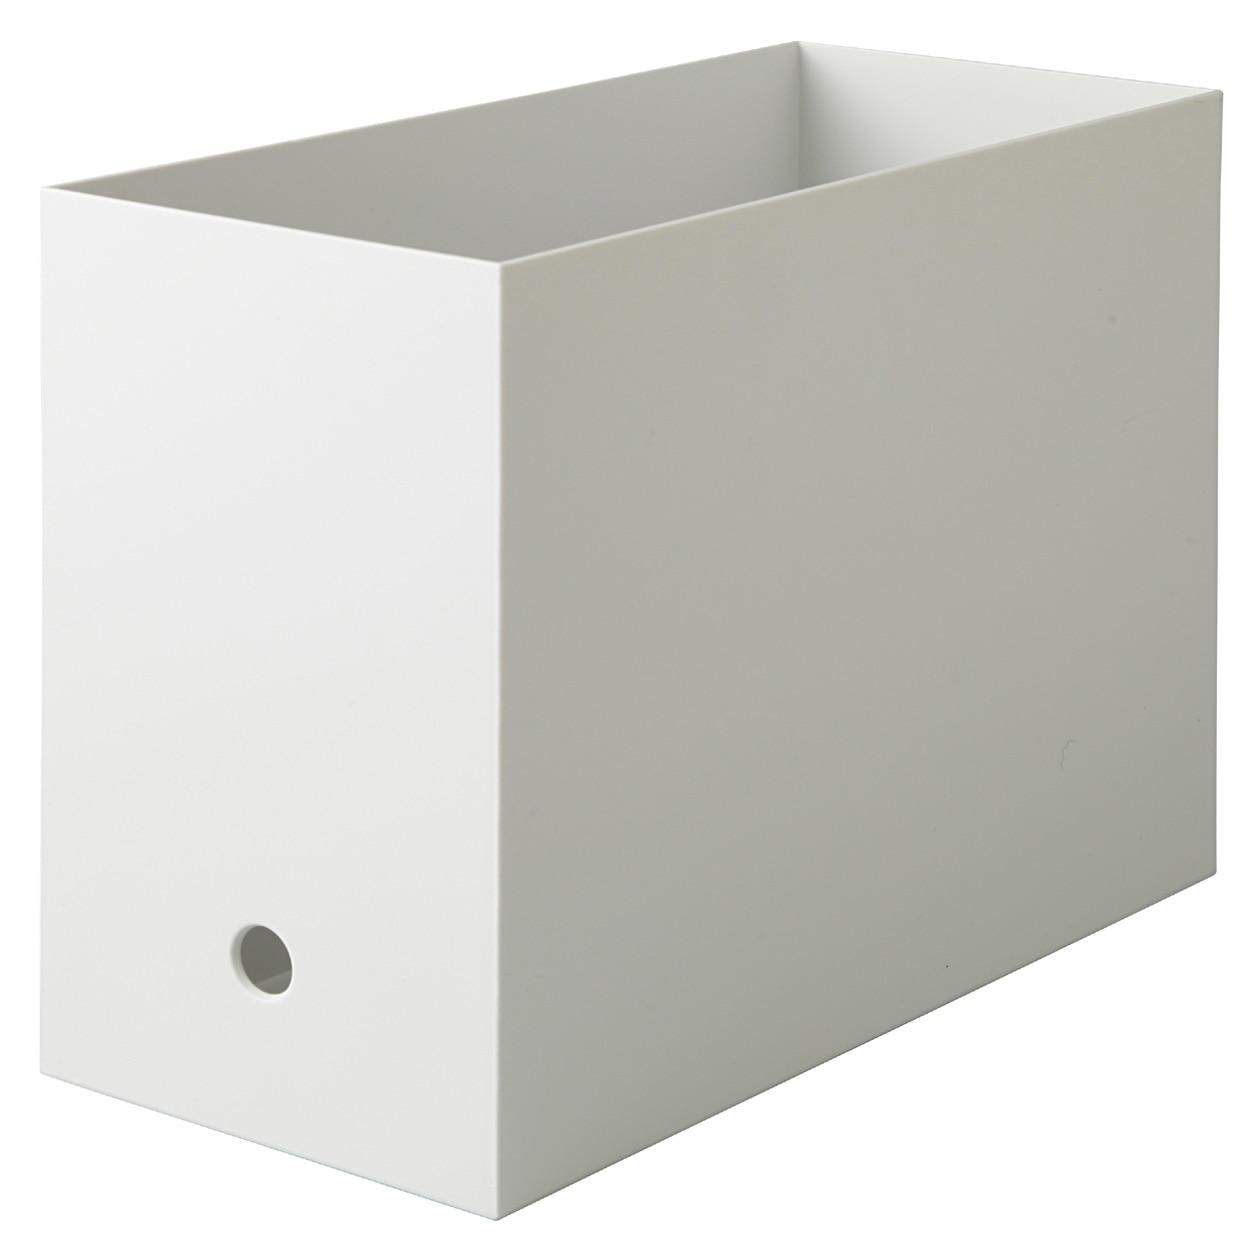 【まとめ買い】PPファイルボックス・スタンダード・ワイド・A4用ホワイトグレー